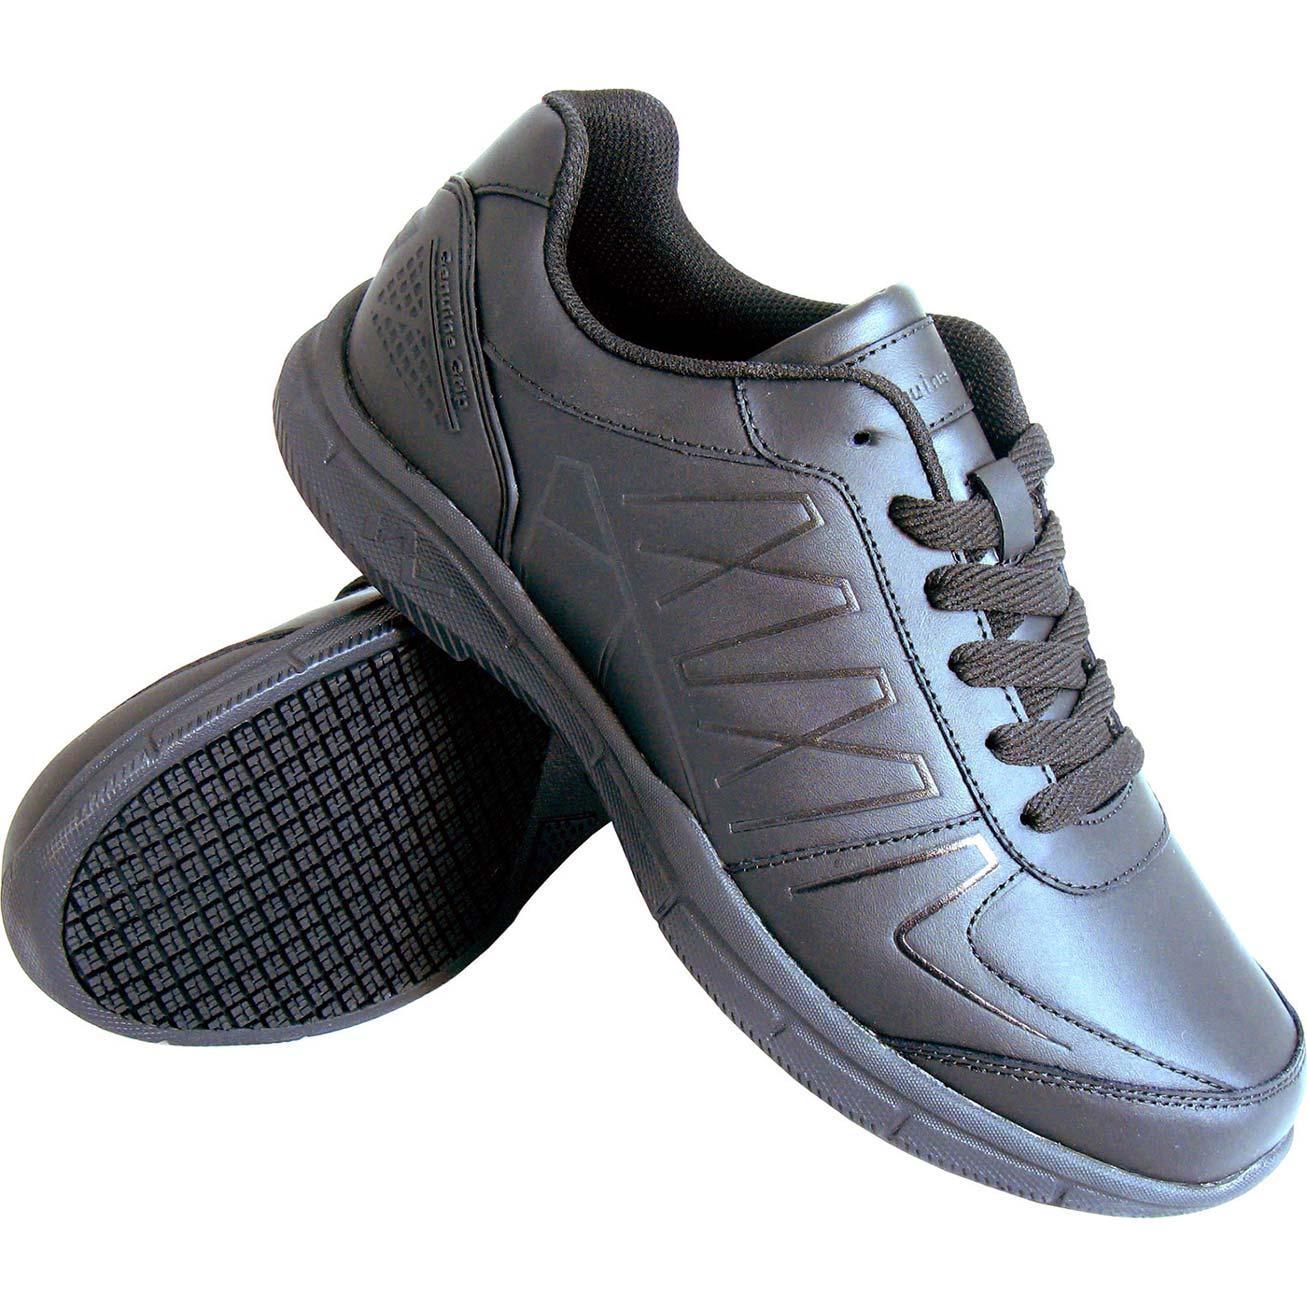 Florsheim Slip Resistant Shoes